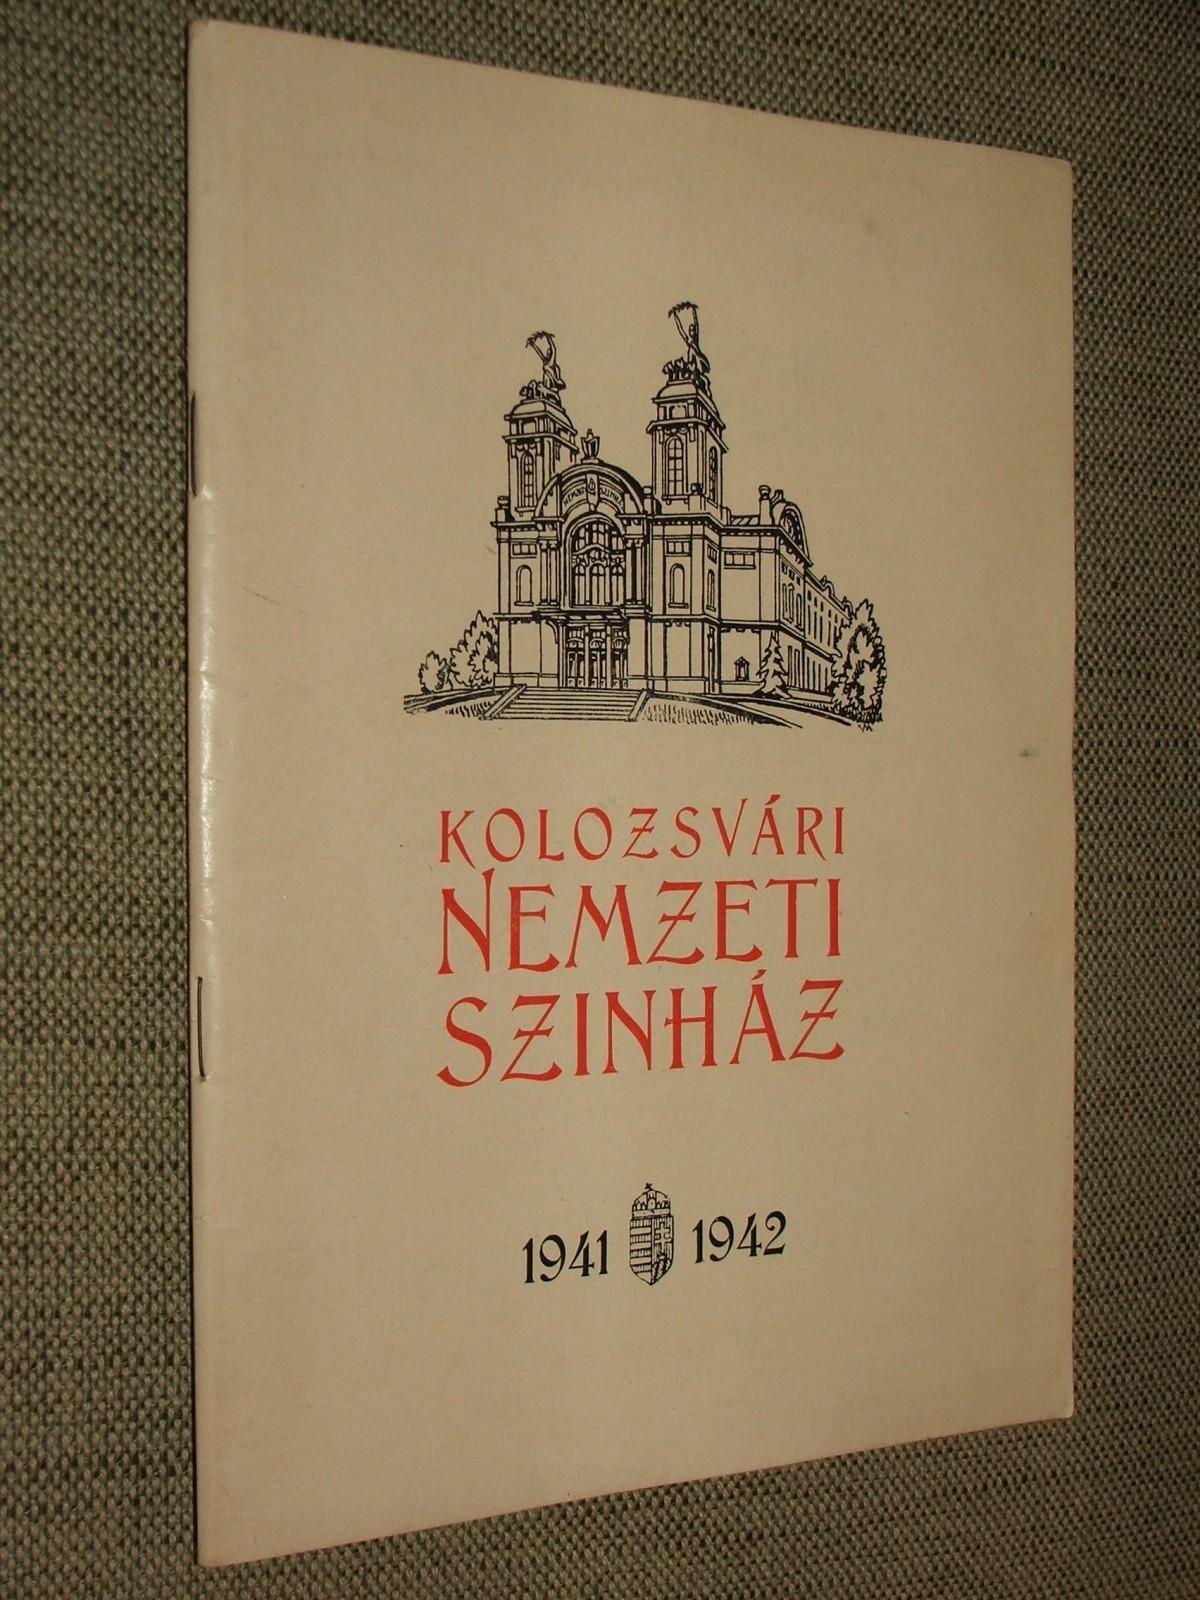 Kolozsvári Nemzeti Színház 1941 – 1942